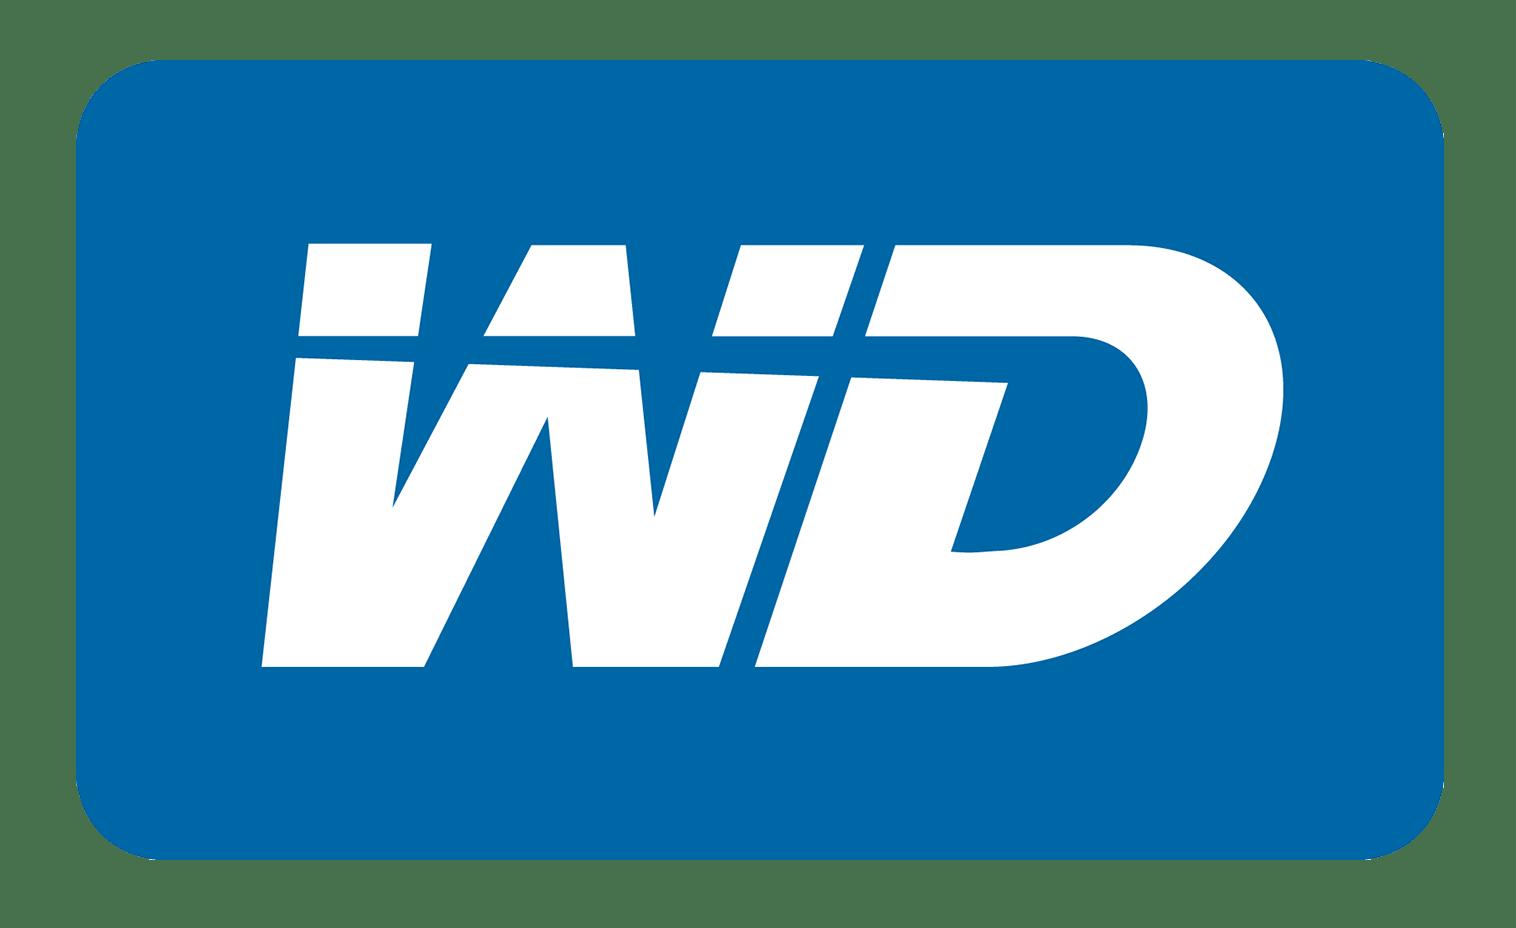 وسترن دیجیتال | WesternDigital